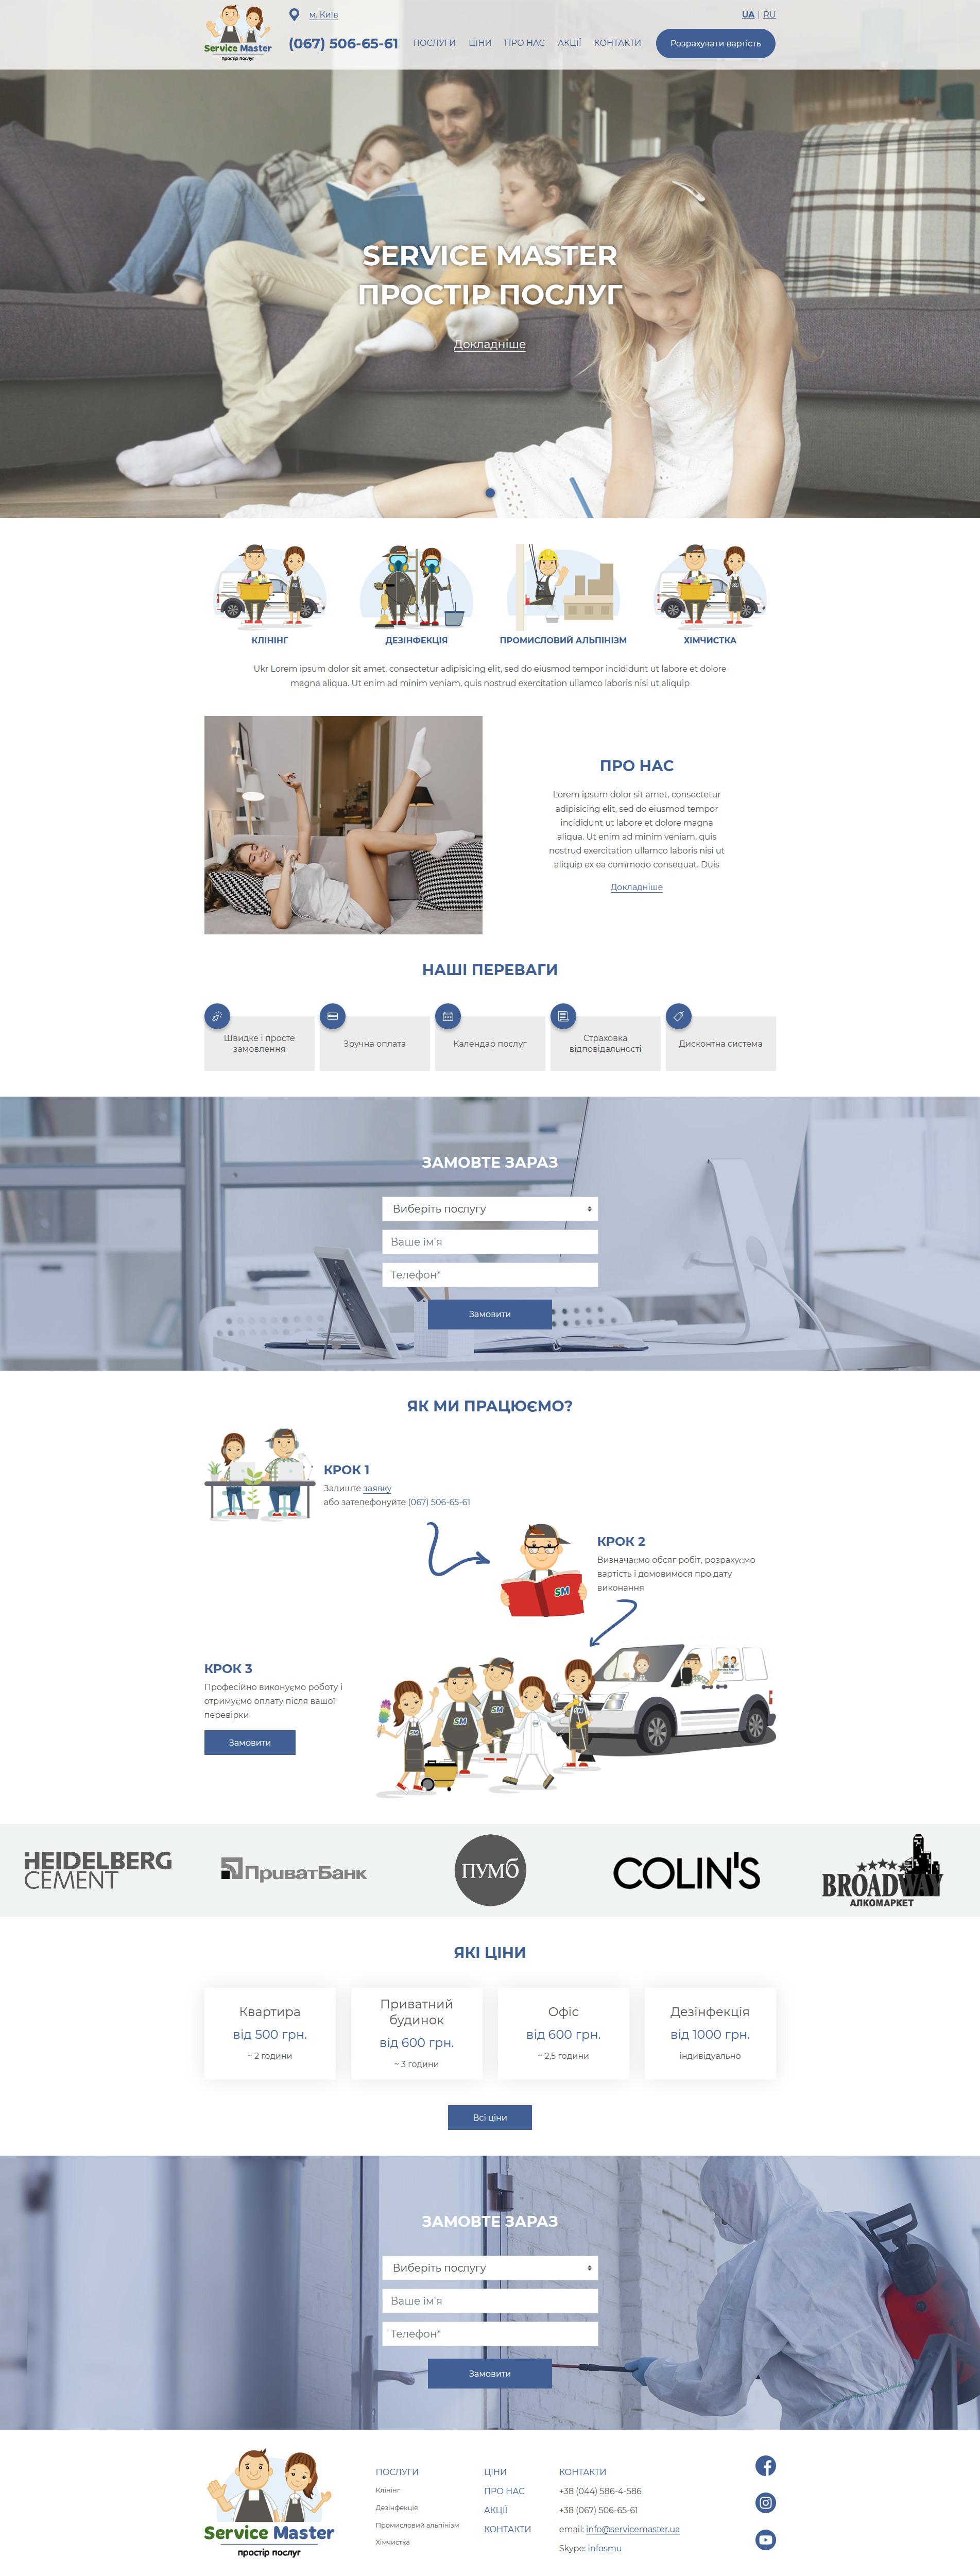 Фото Сайт для клиннинговой компании. Уникальный дизайн, адаптивная верстка под экраны всех устройств. Разработка калькулятора услуг на сайте.